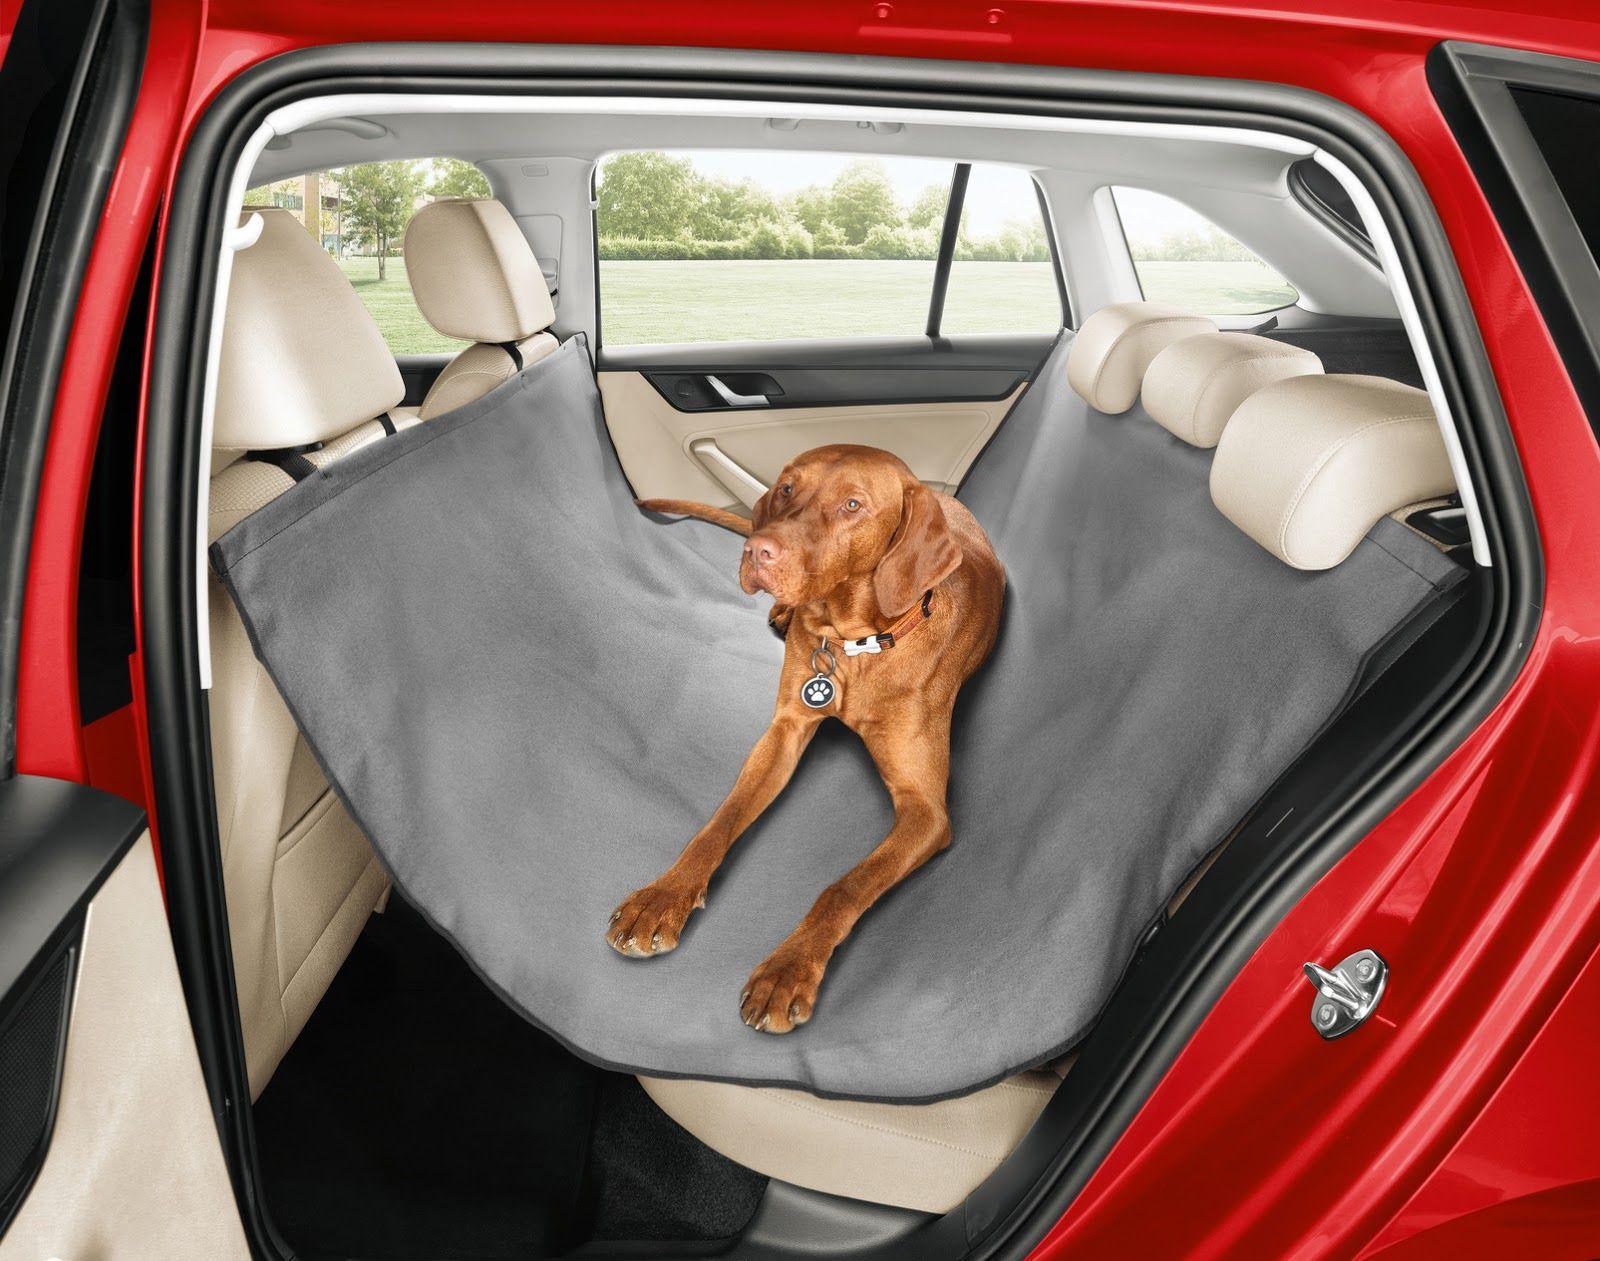 Σκύλος κάθεται στο πίσω κάθισμα αυτοκινήτου πάνω στο ειδικό κάλυμμα καθισμάτων